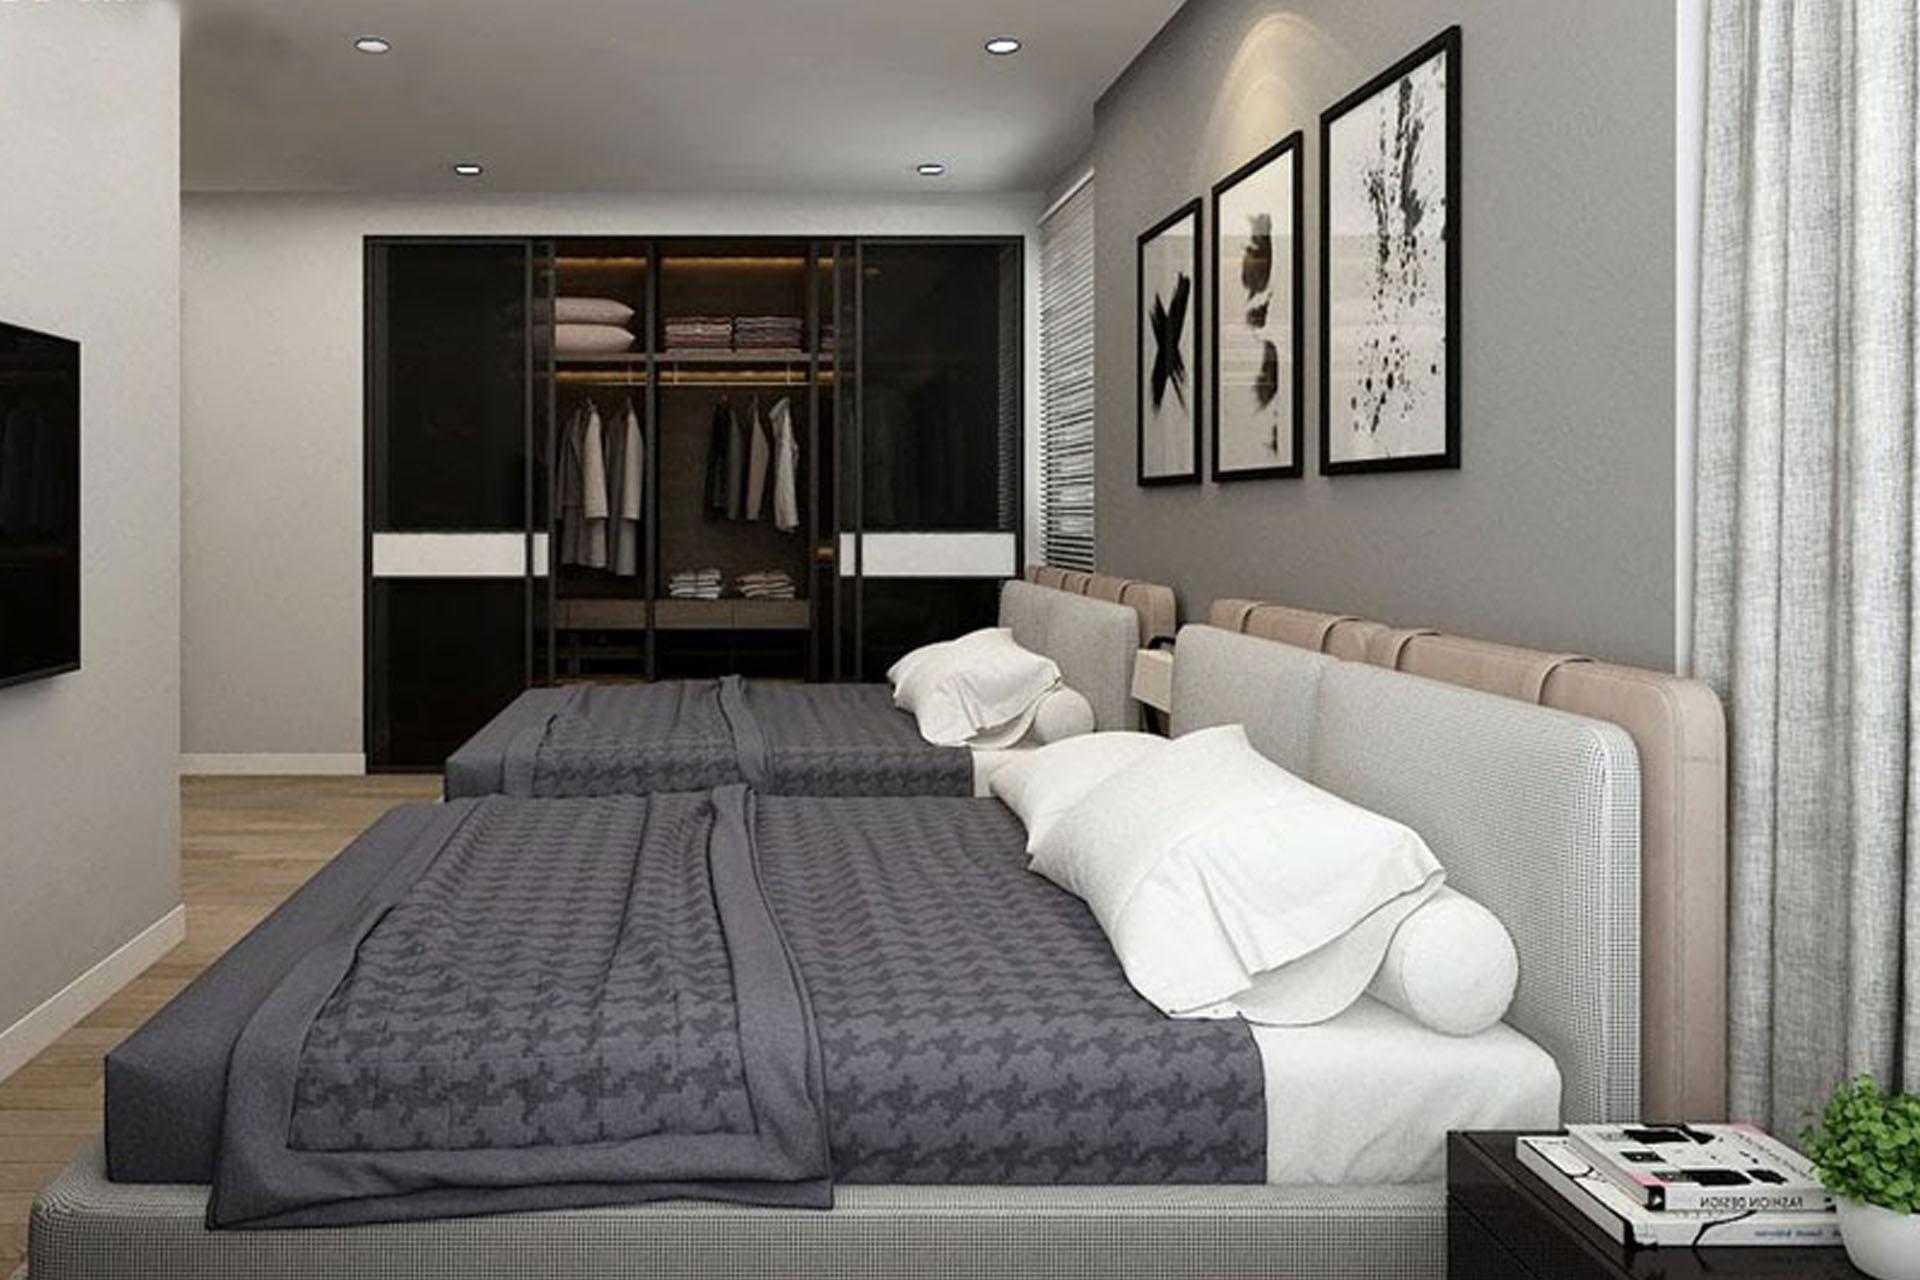 Bố trí giường hài hòa, tăng cảm giác rộng rãi